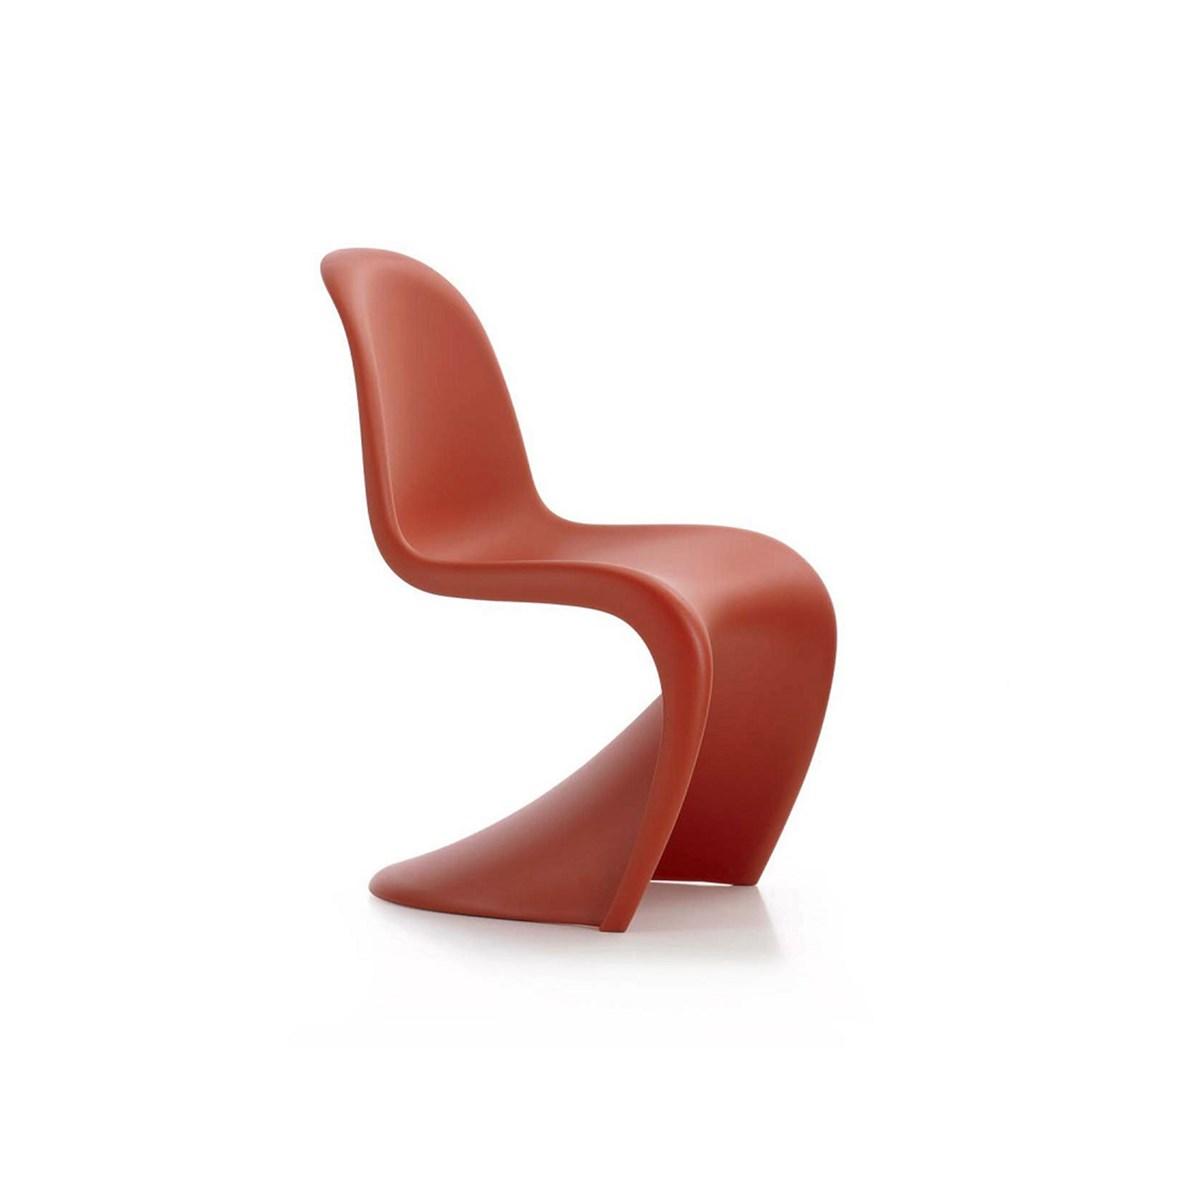 Vitra-Verner-Panton-Panton-Junior-Chair-Matisse-1